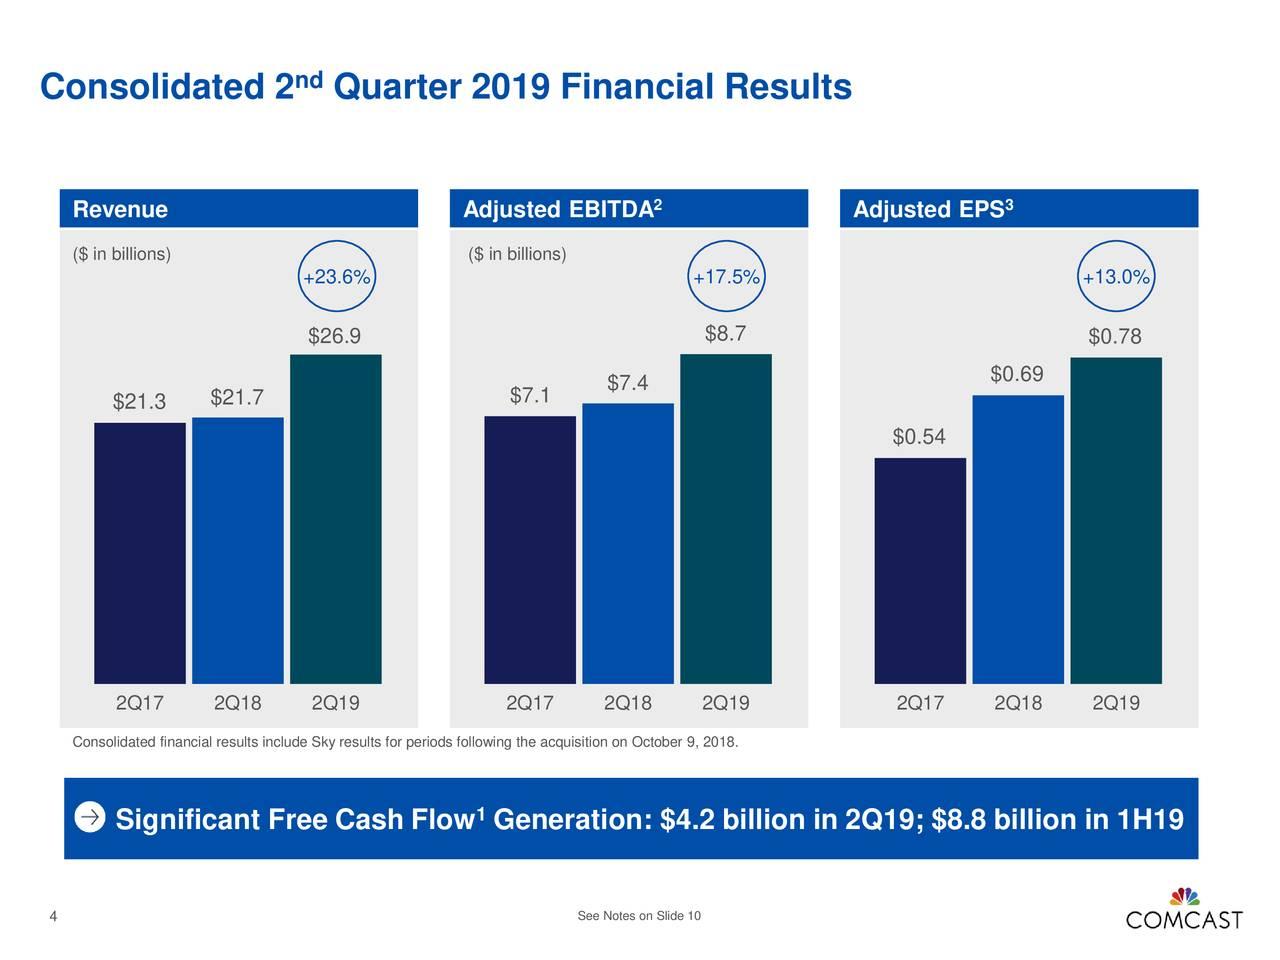 Comcast Stock Price Is...